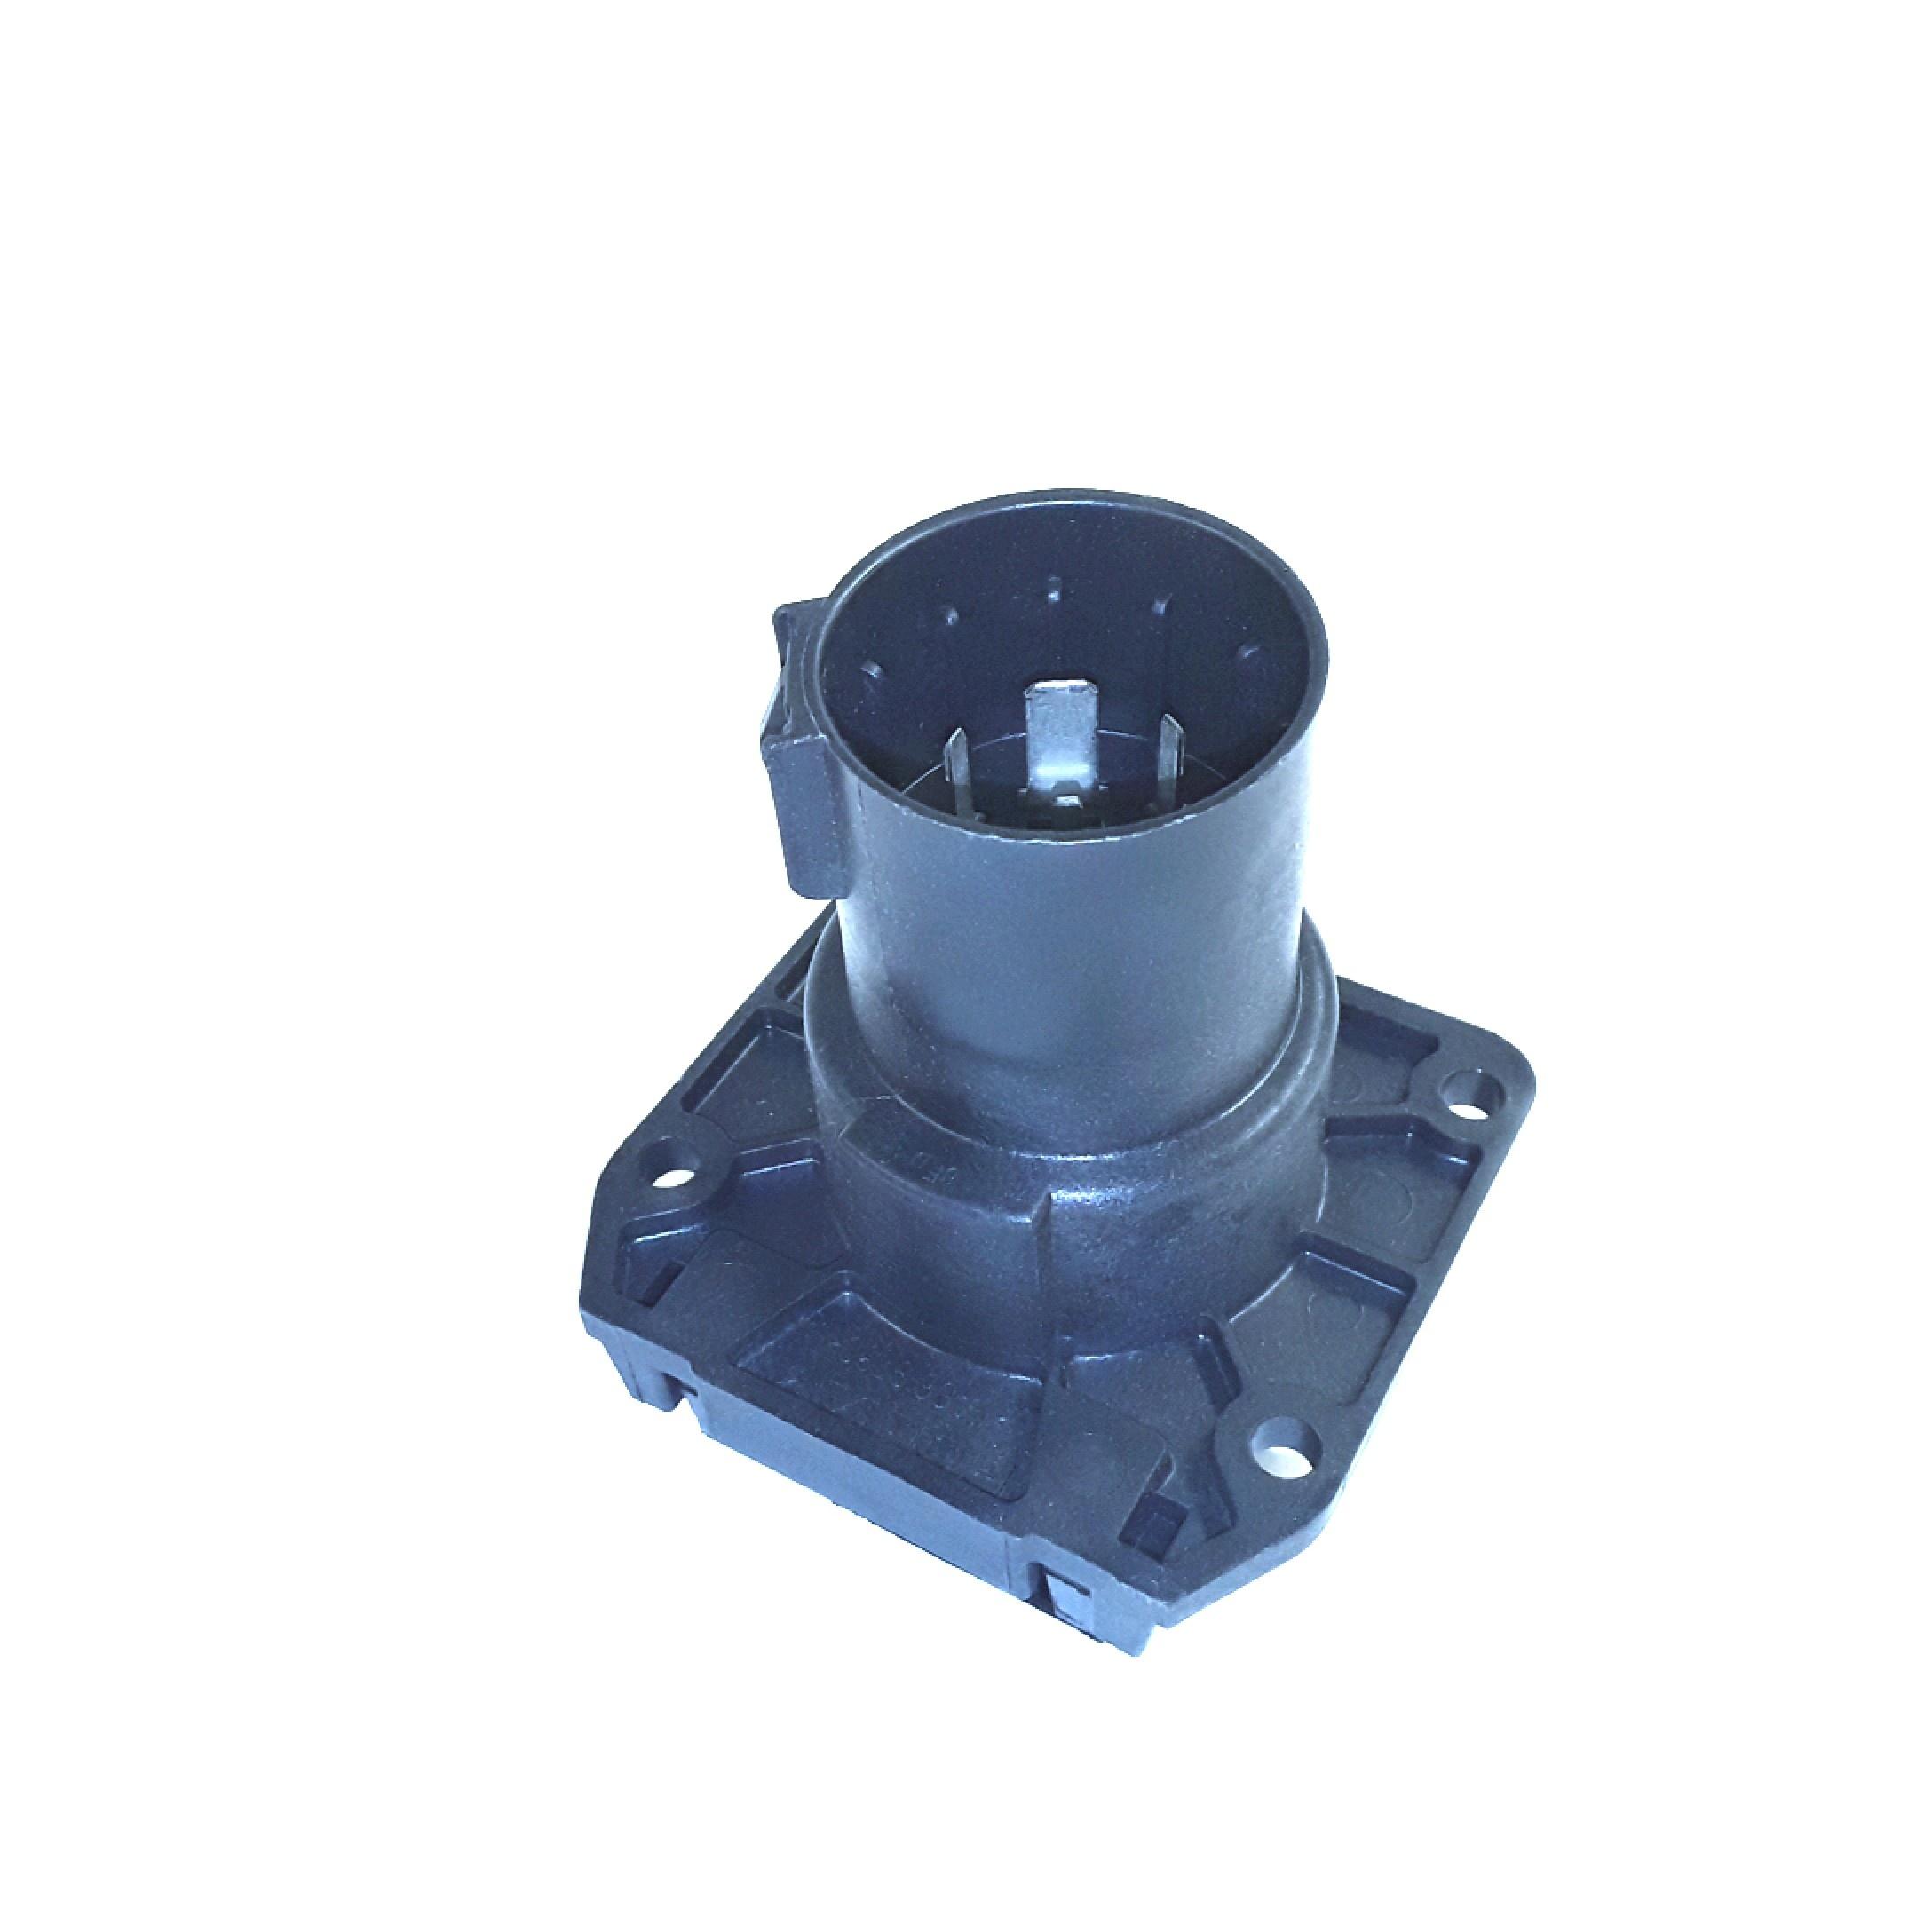 Audi Q7 Socket For Towing Hitch - 4L0055305U